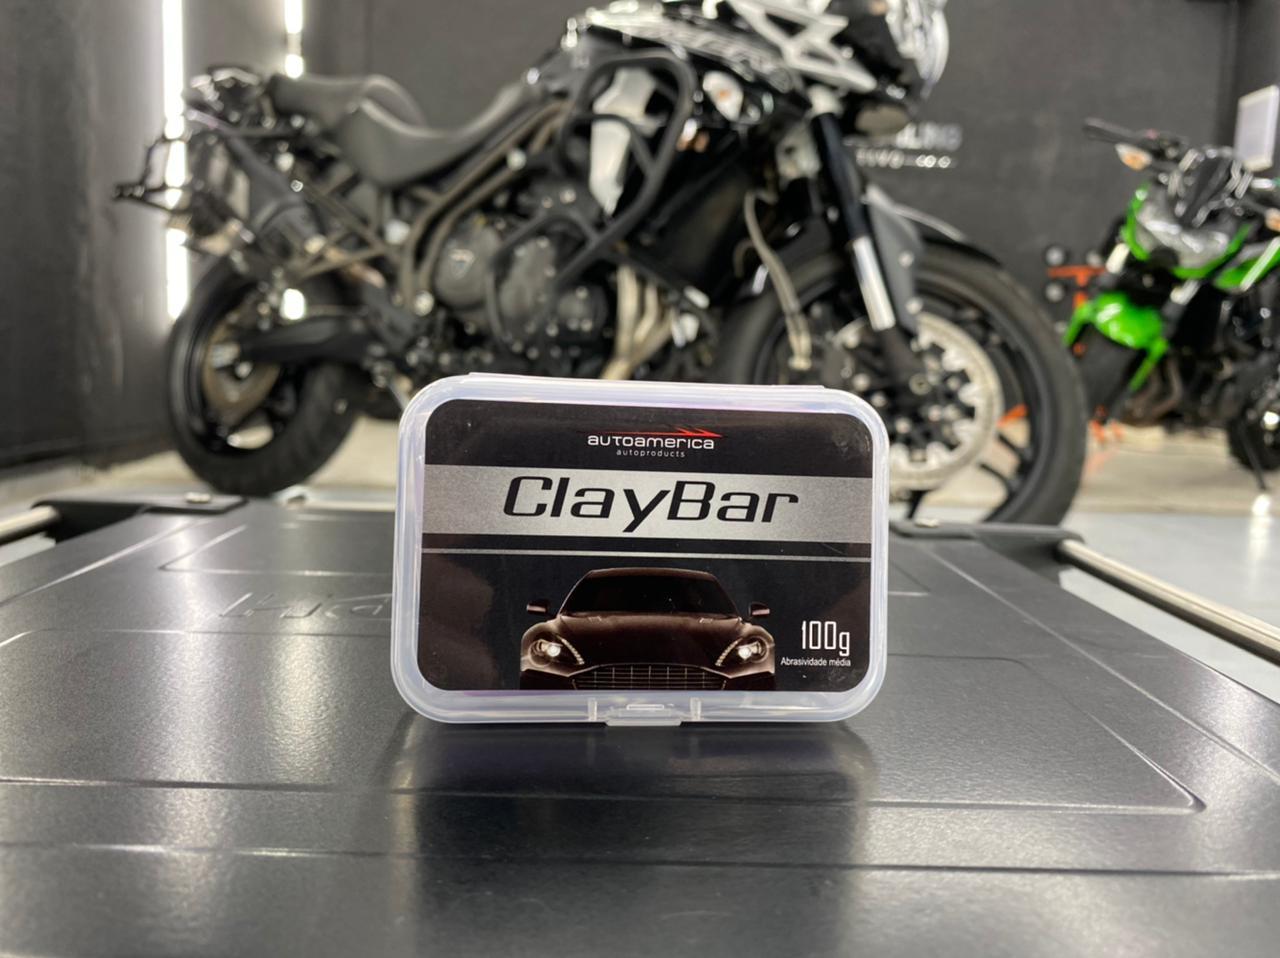 CLAYBAR - Autoamerica